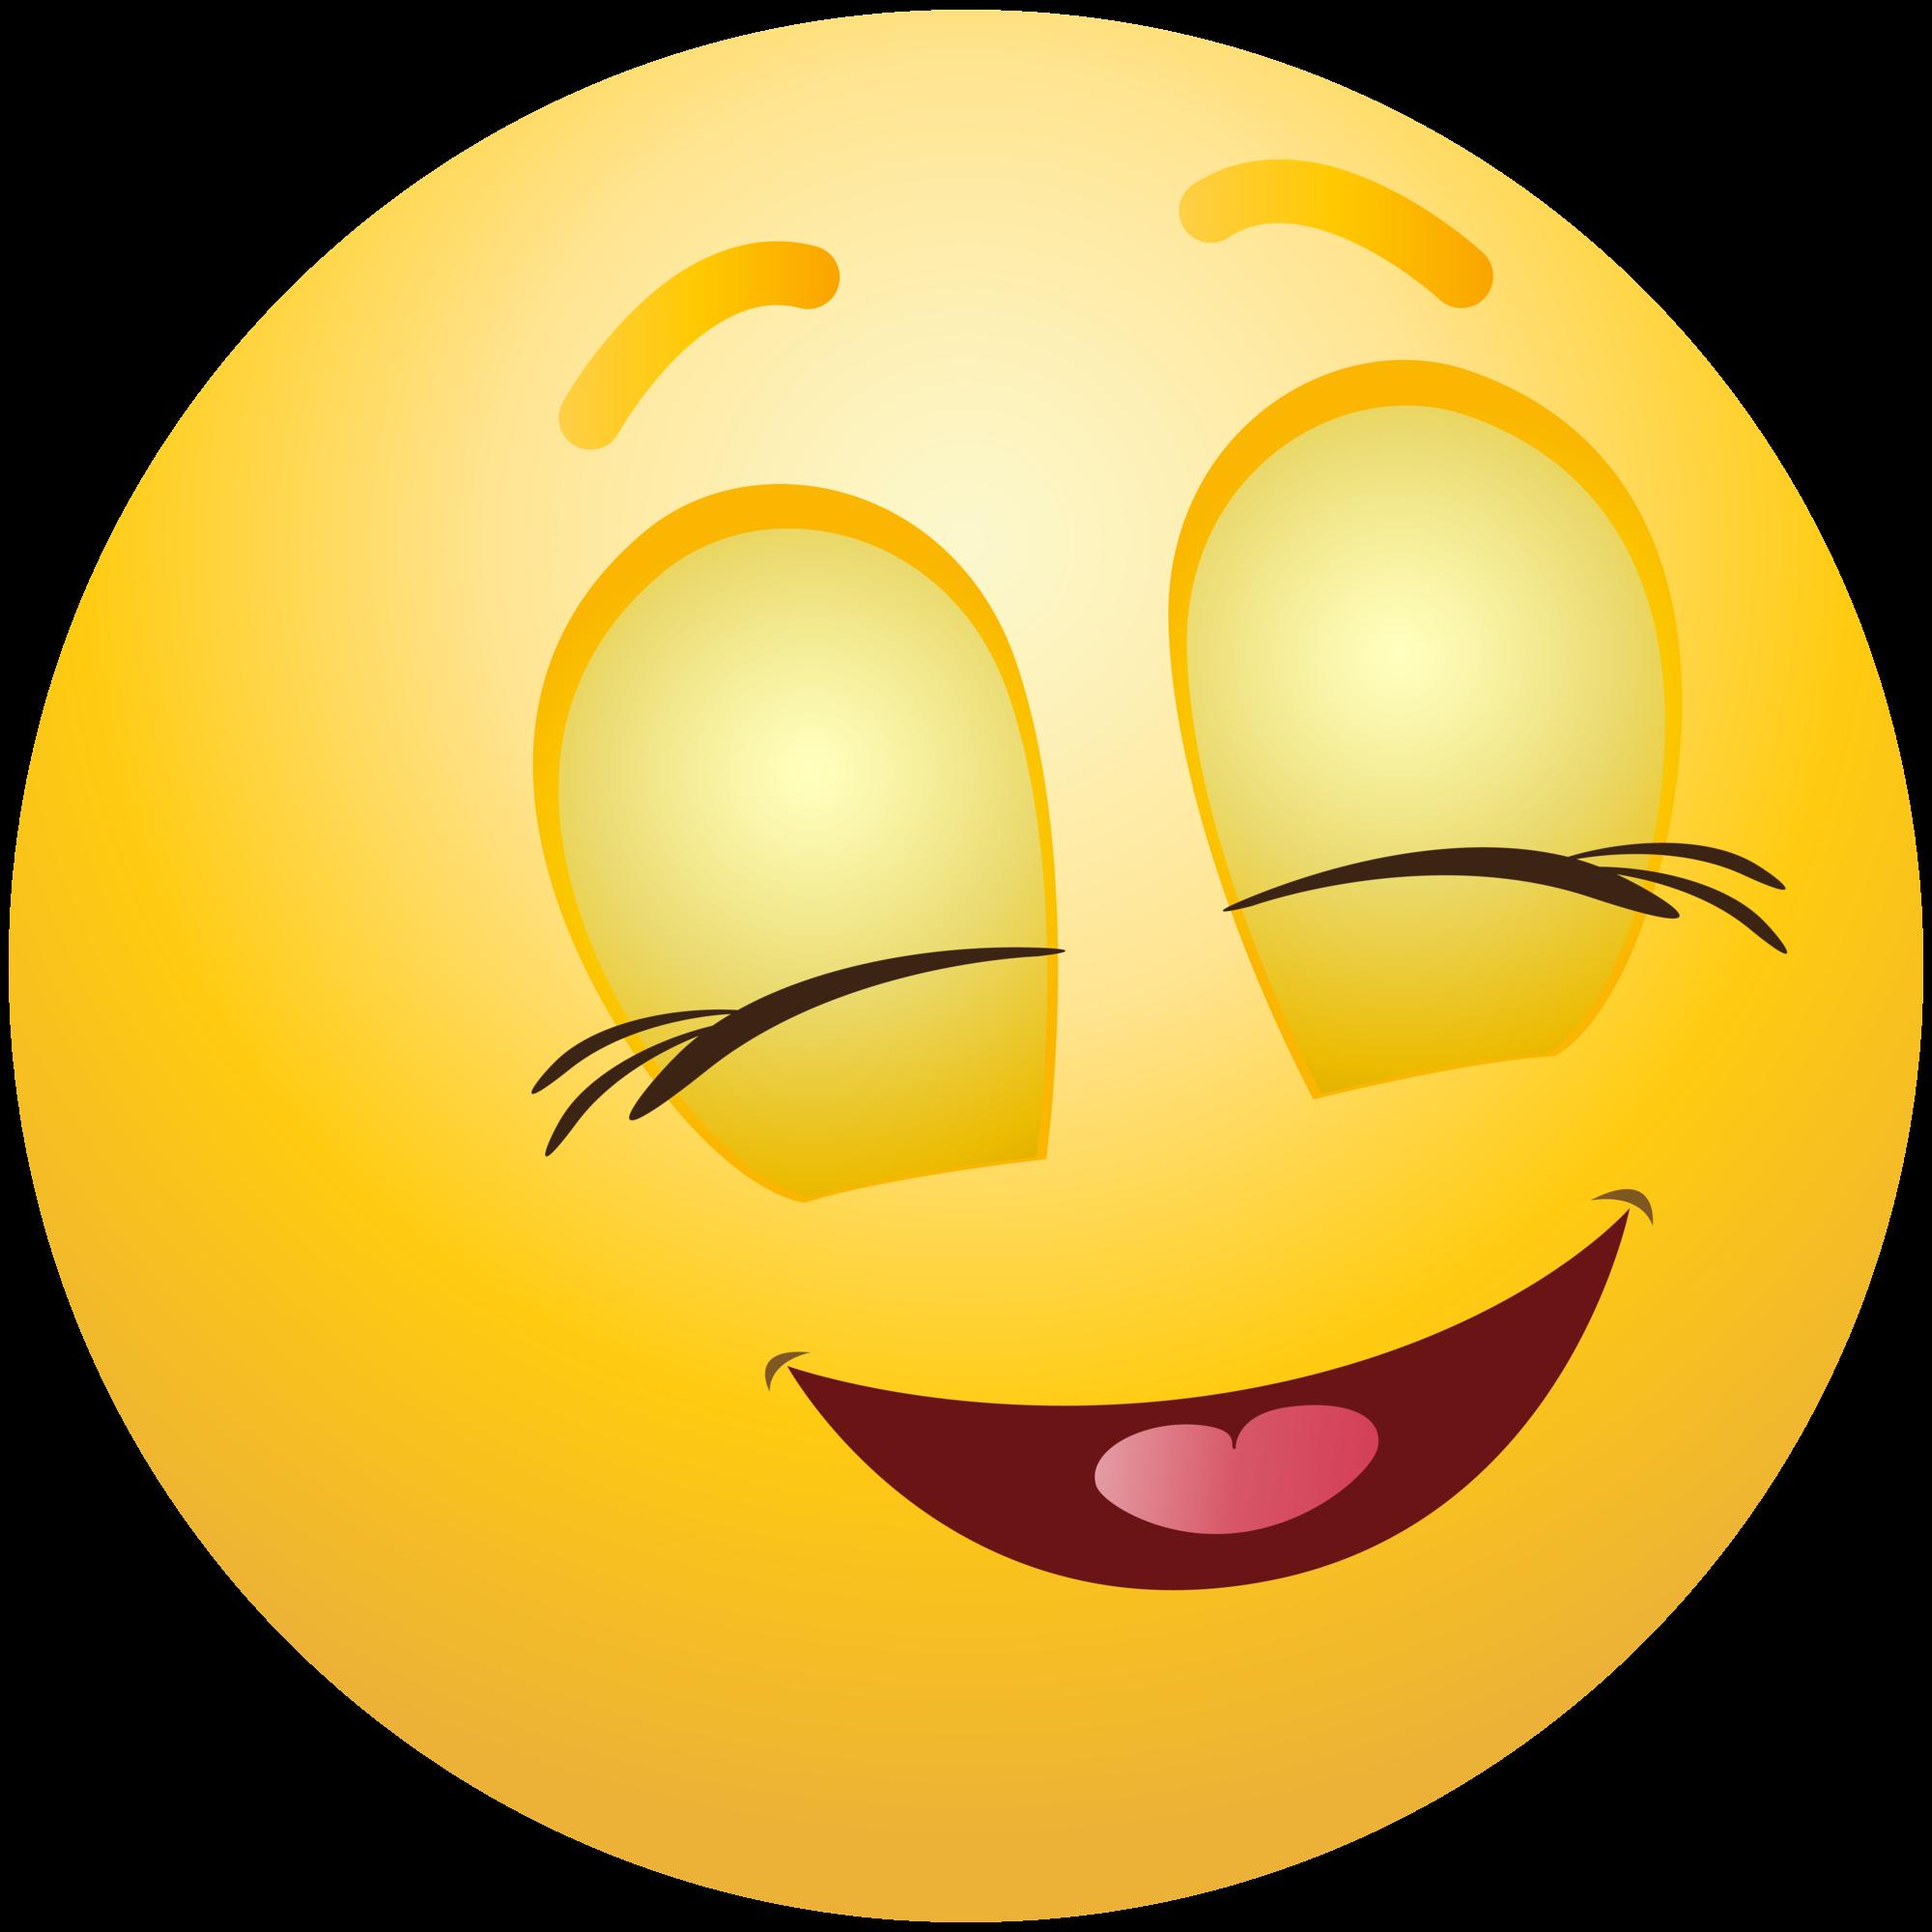 Pleased Emoticon Emoji Clipart Info - Cute Smiley Face Clip Art